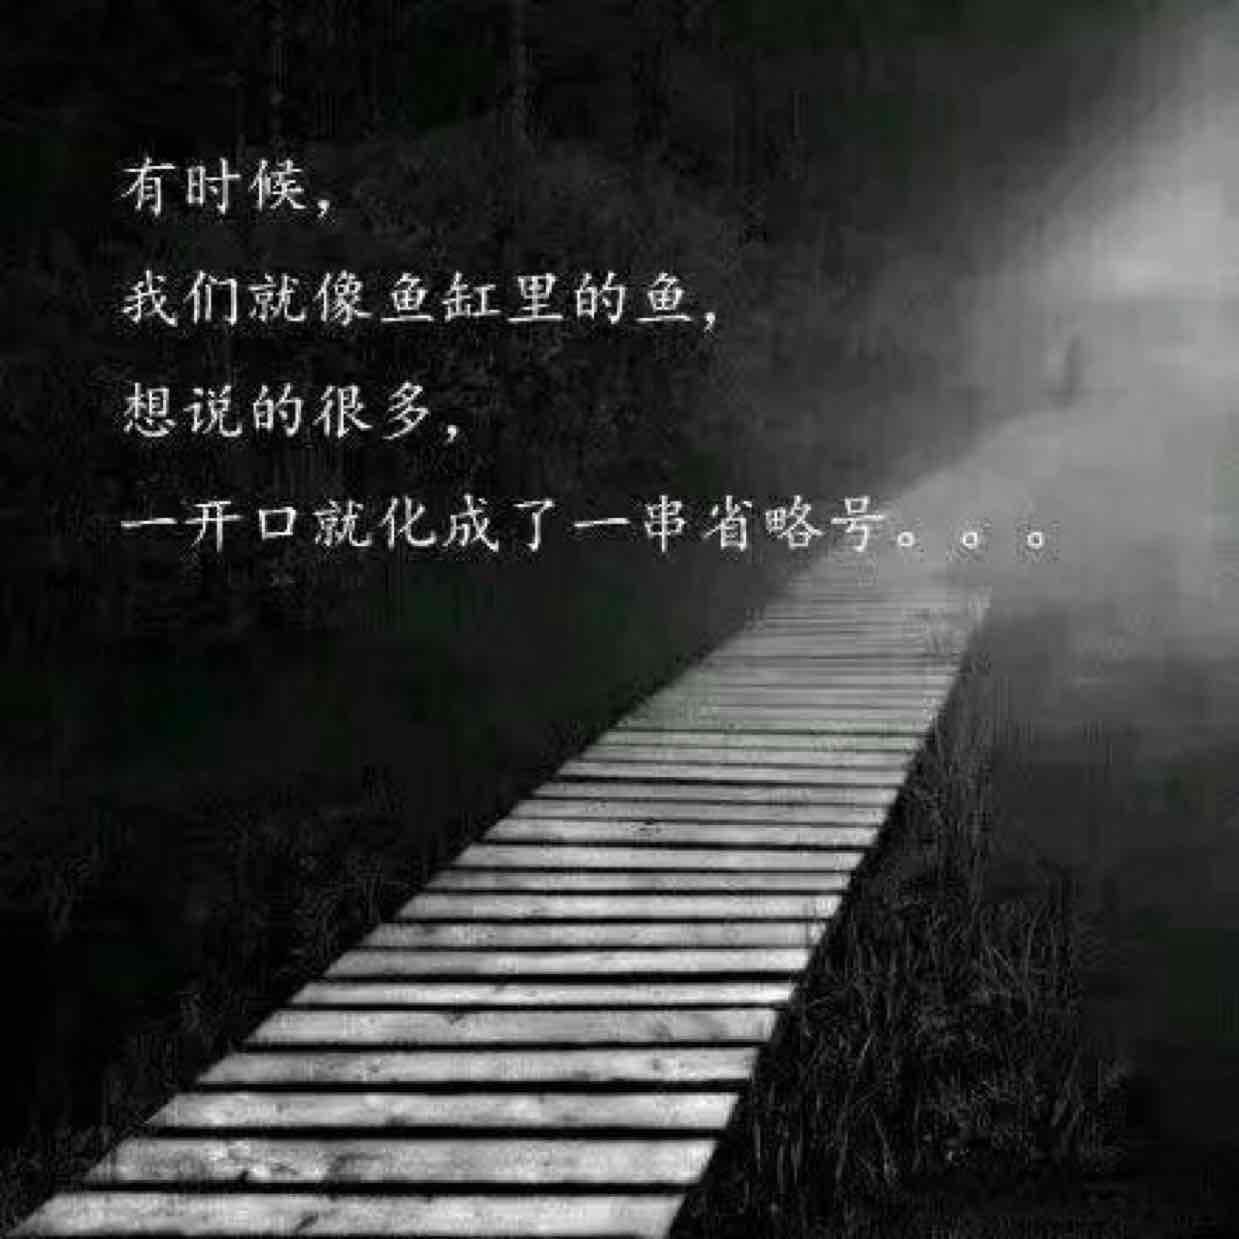 姐,医,阴_阴婚不散_阴婚不散最新章节_阴婚不散无弹窗_书香云集小说网